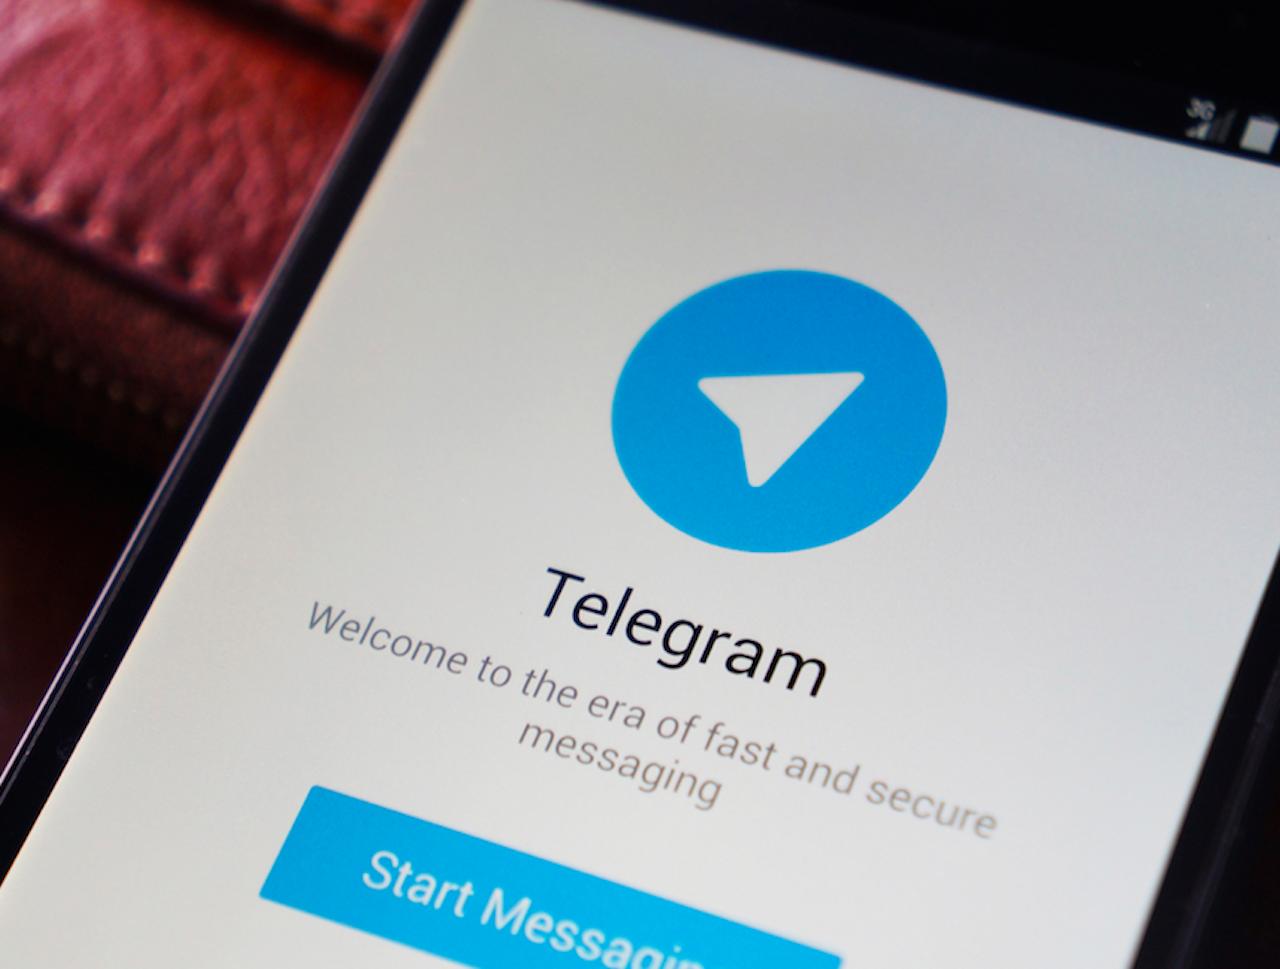 Telegram prende il volo: + 25 milioni di utenti in sole 72 ore